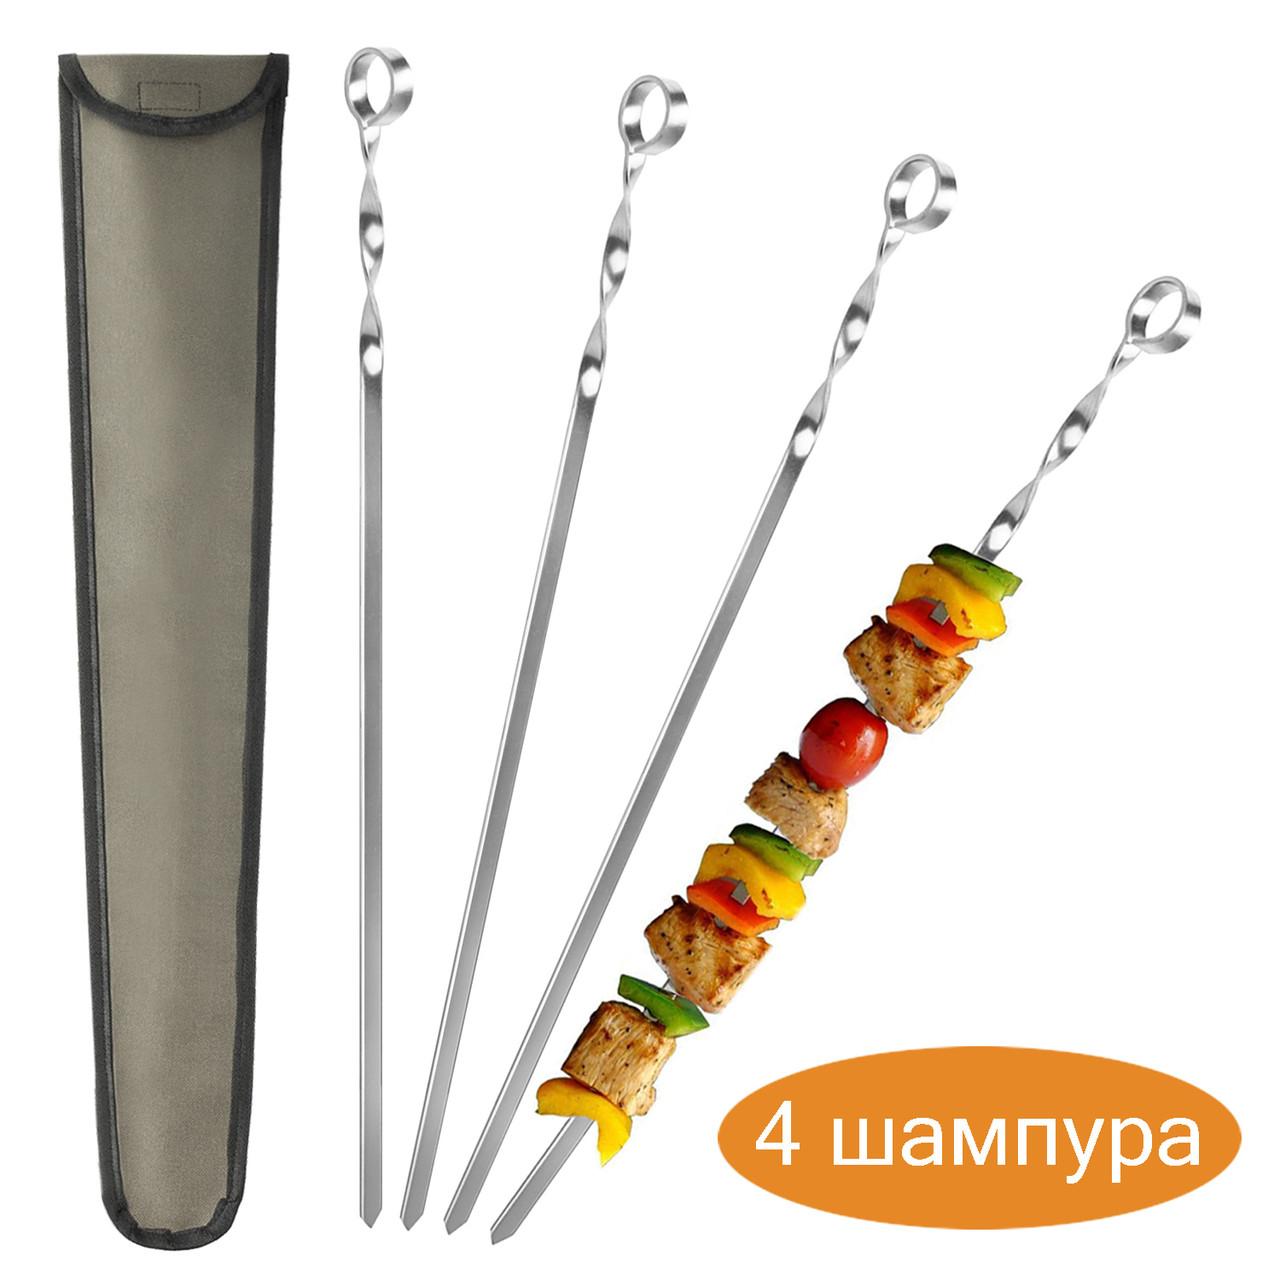 Набір шампурів 560/12/3мм 4 шт з чохлом нержавіюча сталь Україна